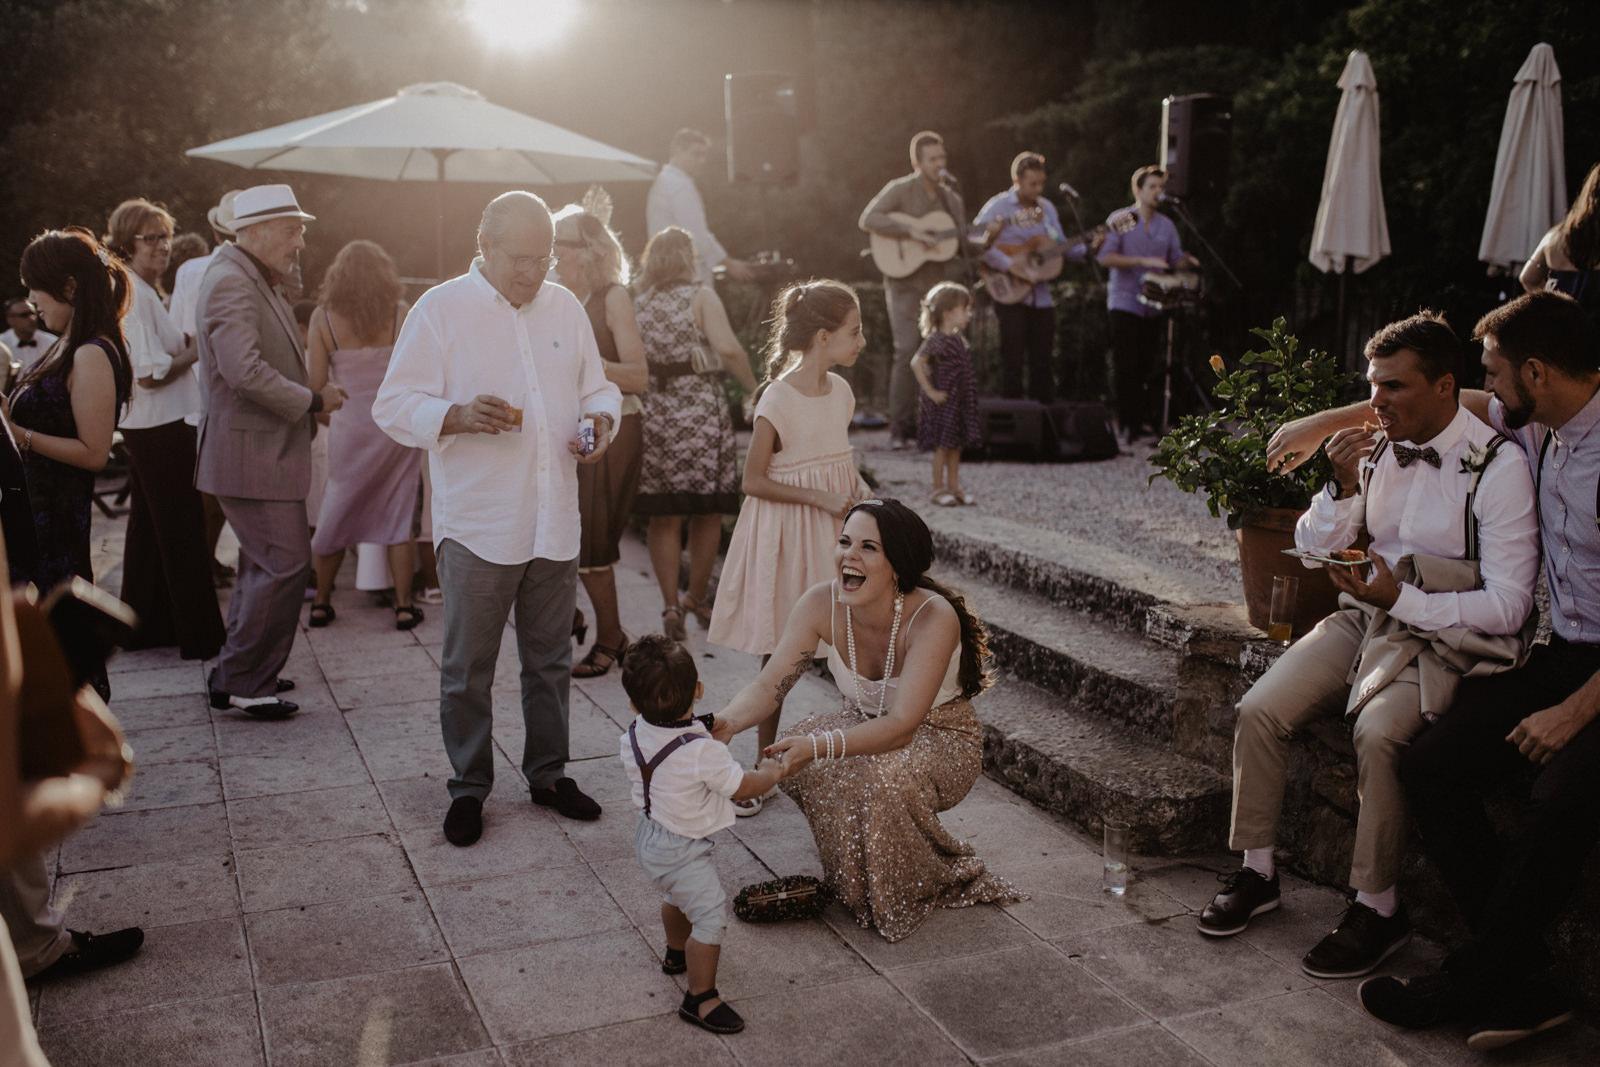 thenortherngirlphotography_photography_thenortherngirl_rebeccascabros_wedding_weddingphotography_weddingphotographer_barcelona_bodaenlabaronia_labaronia_japanesewedding_destinationwedding_shokoalbert-593.jpg